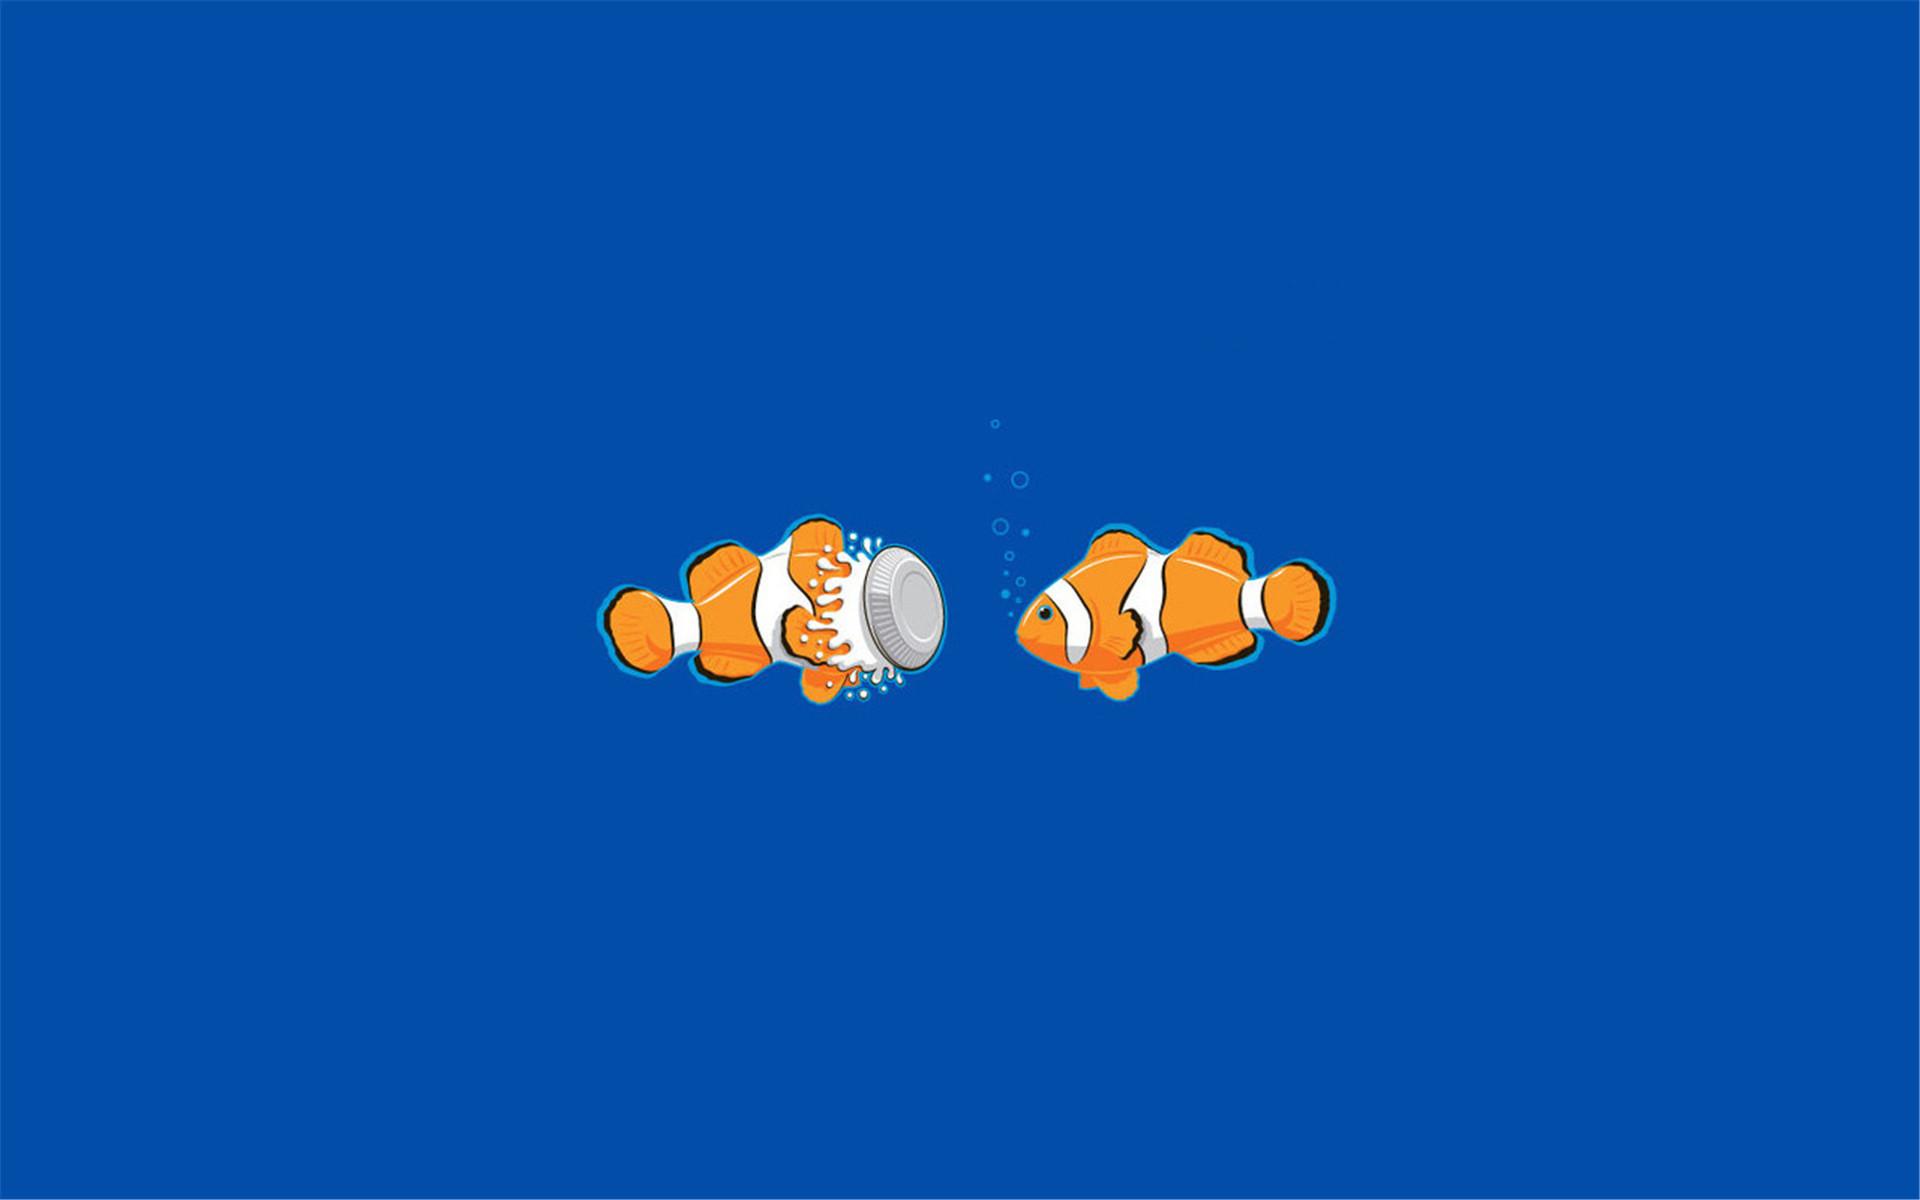 简单可爱的卡通图案个性鱼ppt背景图片下载